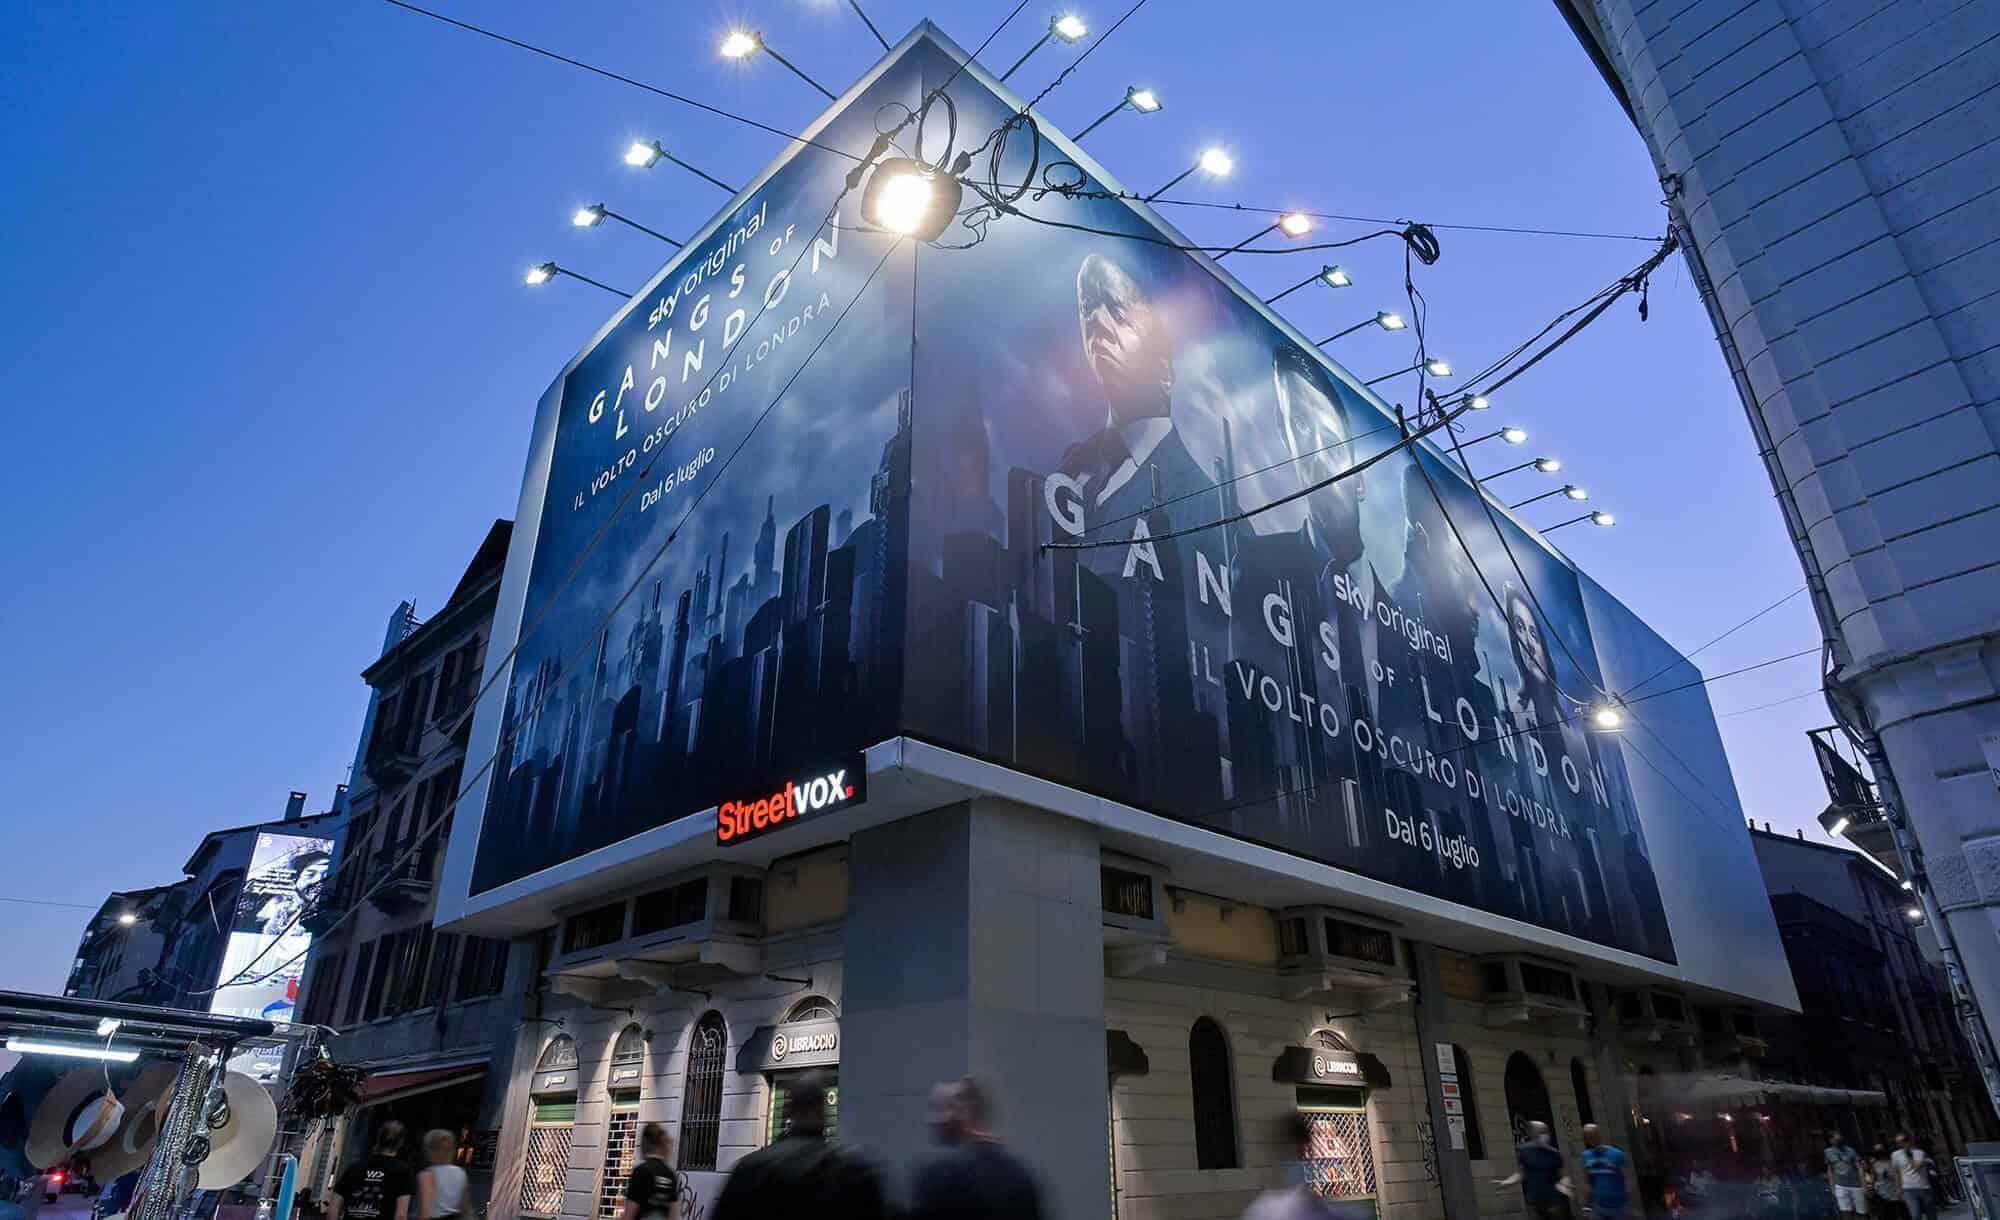 Maxi Affissione Streetvox in Via Corsico 12 sui Navigli a Milano con Sky - Gangs of London (tvseries)